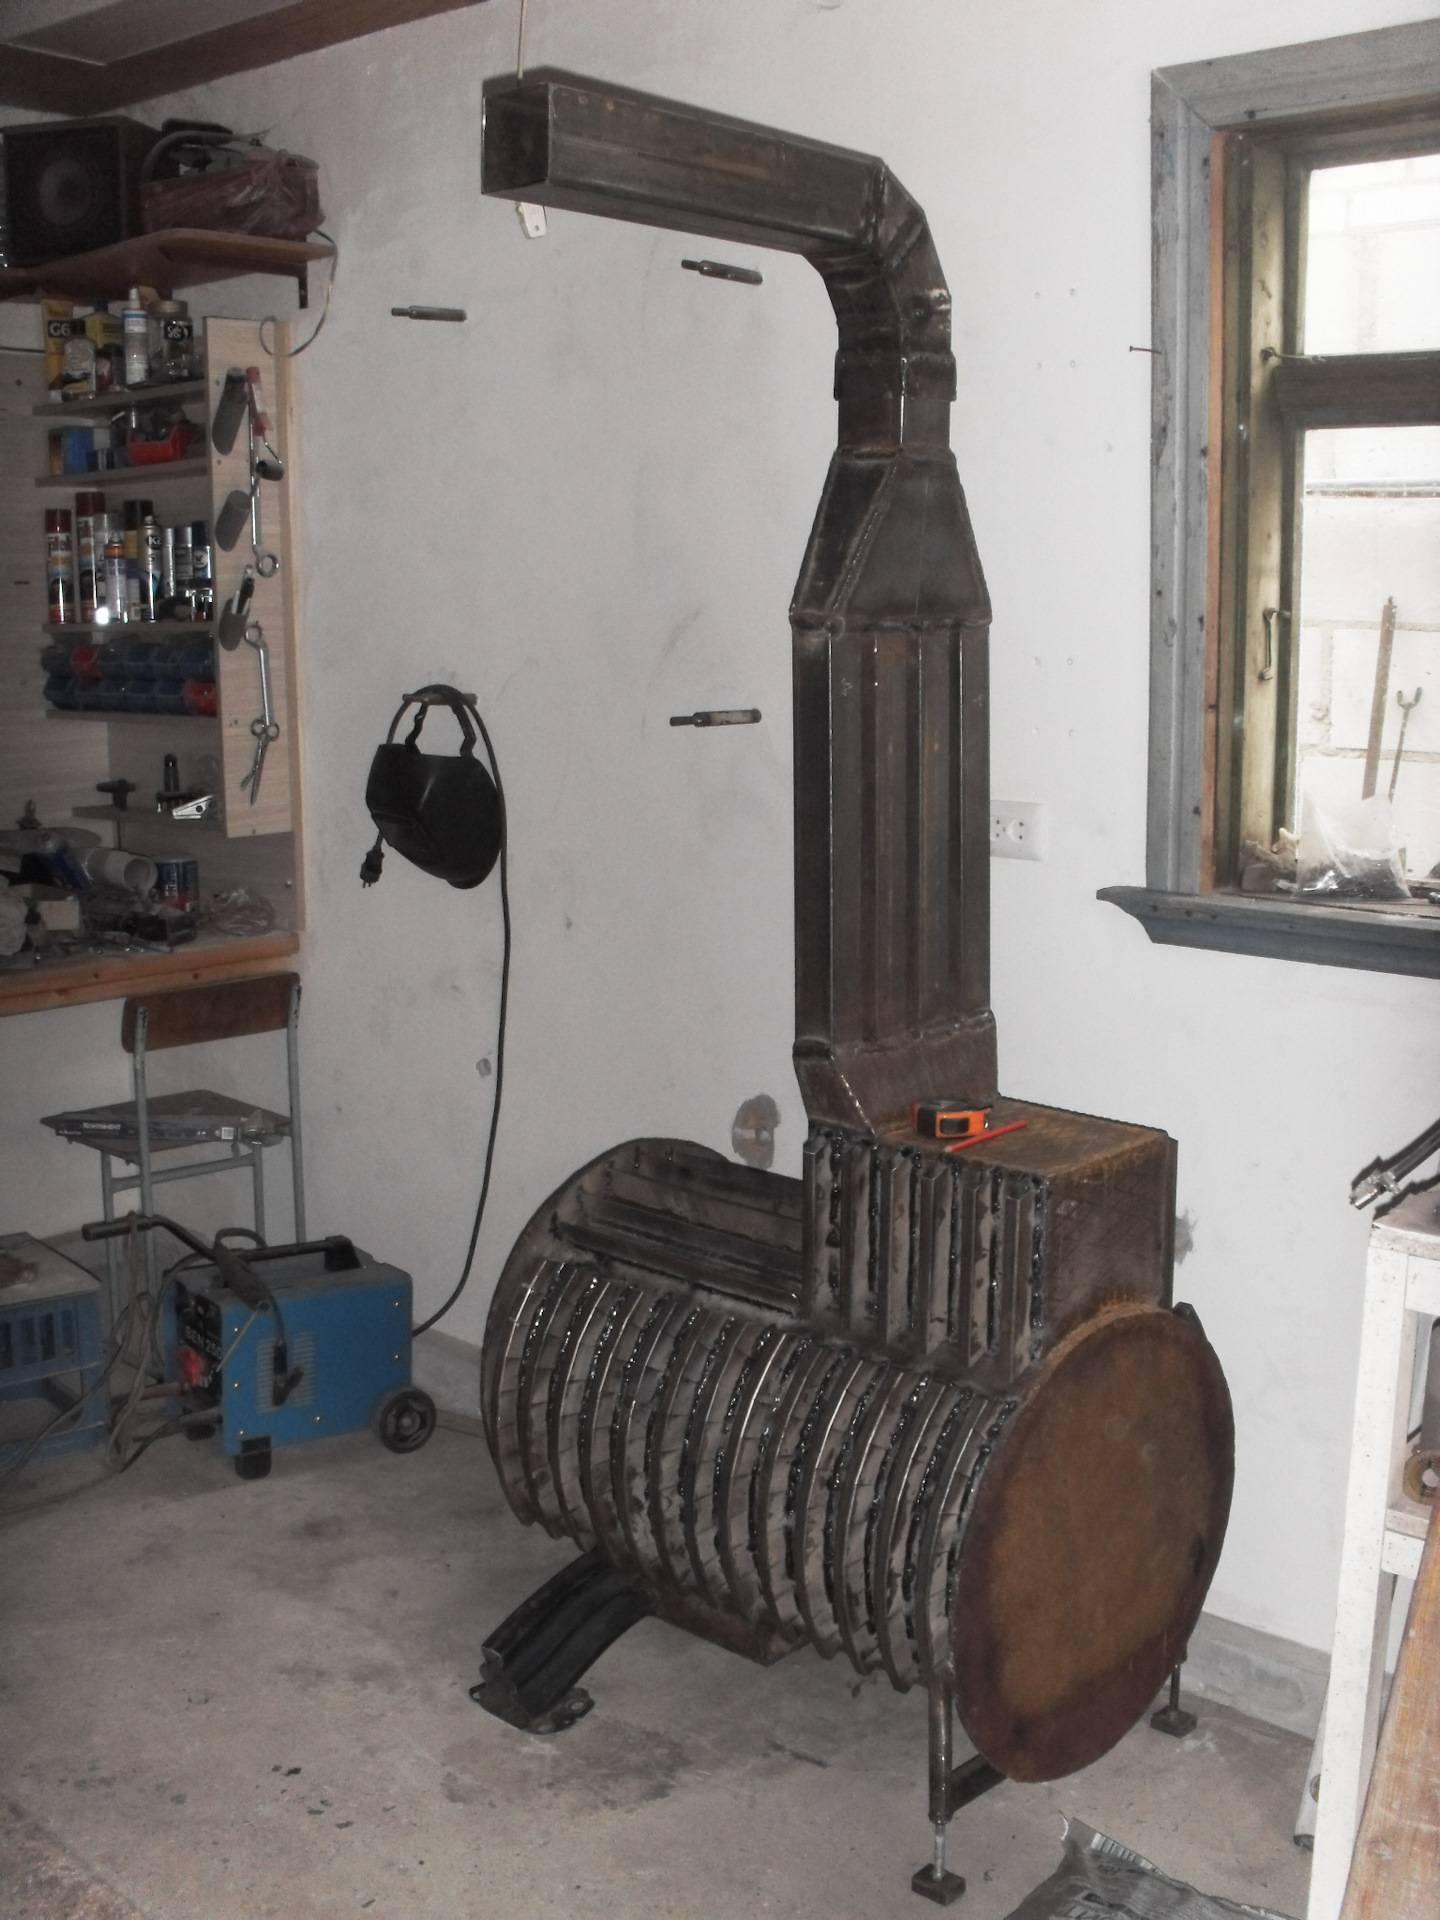 Печь для гаража своими руками из металла: как правильно сделать, как сварить, чертежи моделей длительного горения, фото и видео